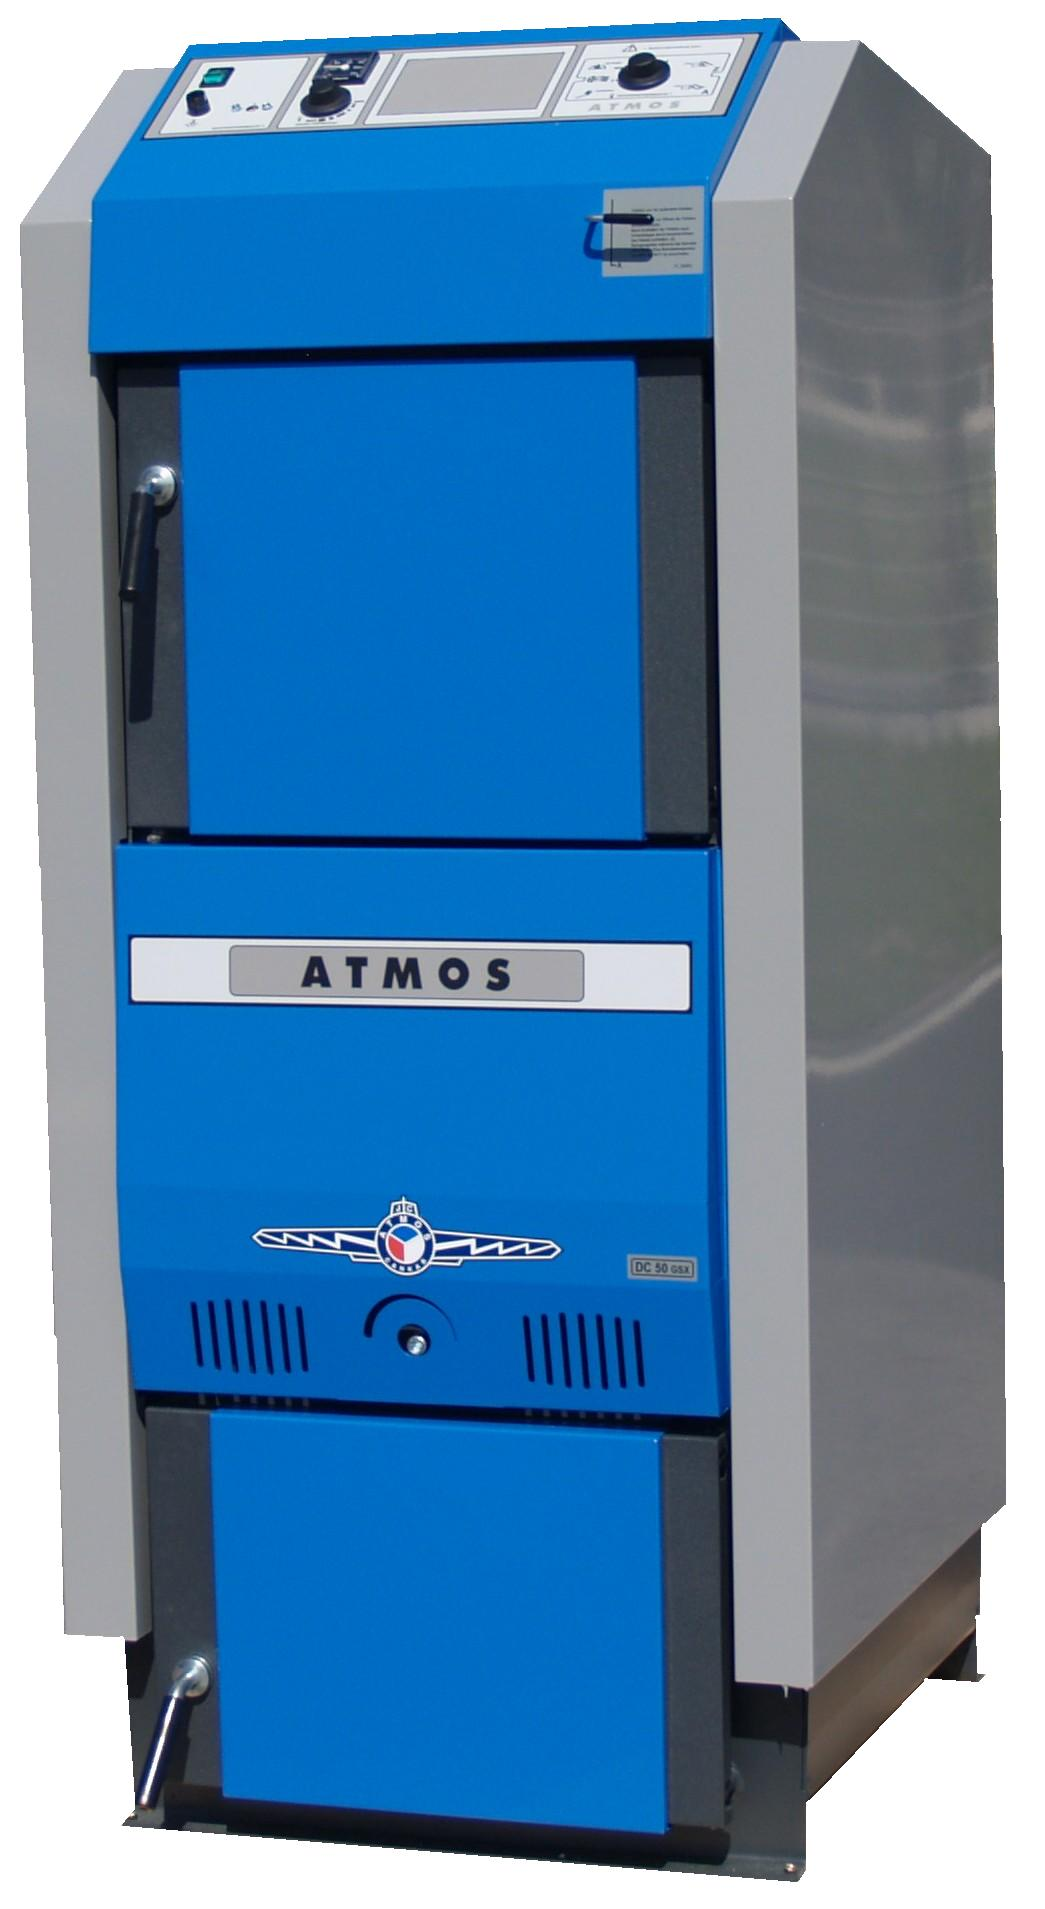 Geliebte Holzvergaser GSX - Atmos Schweiz &QY_52